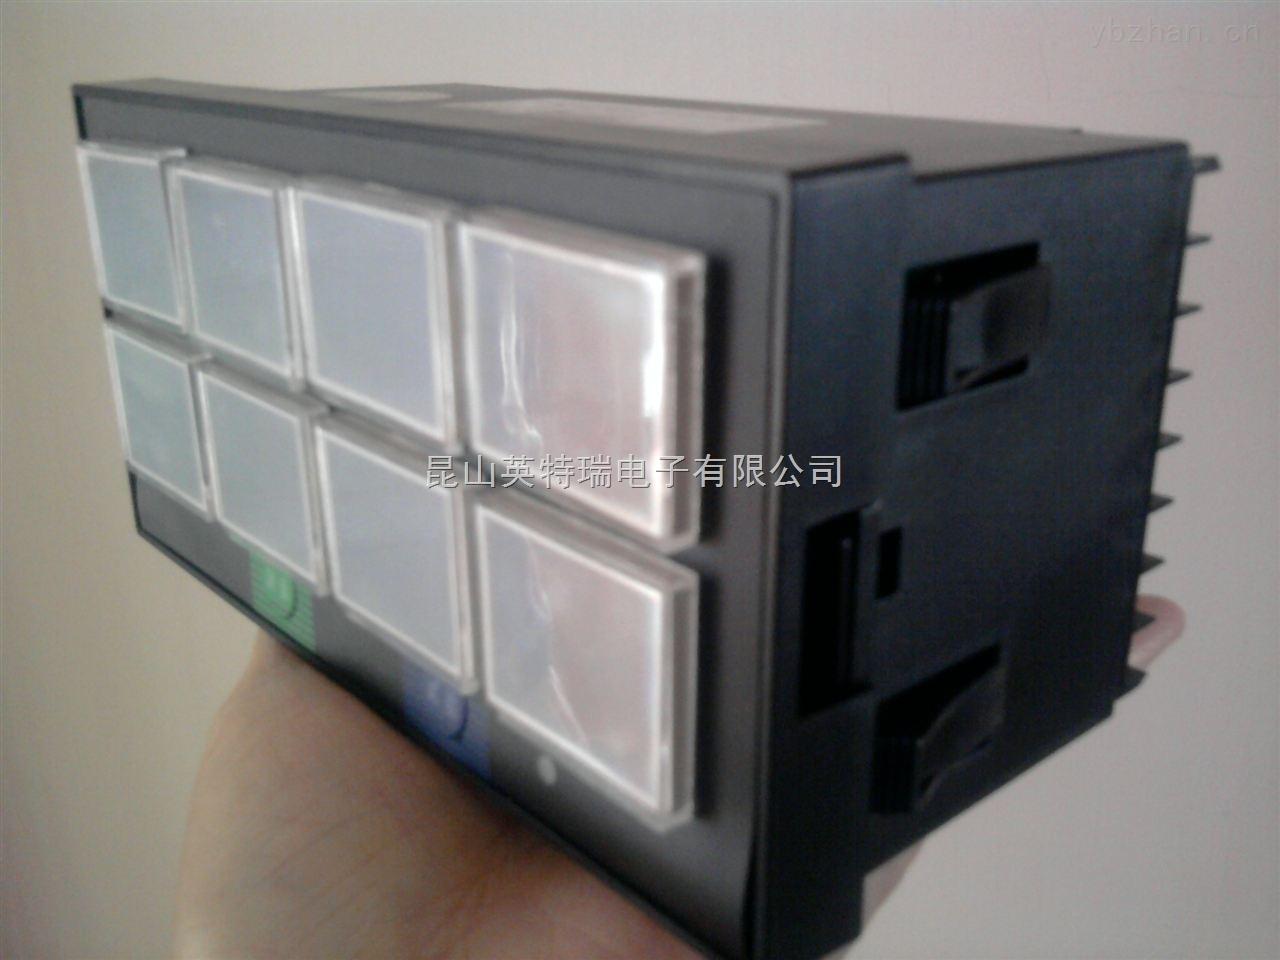 八路闪光报警器,八路闪光报警器价格-中国仪表网